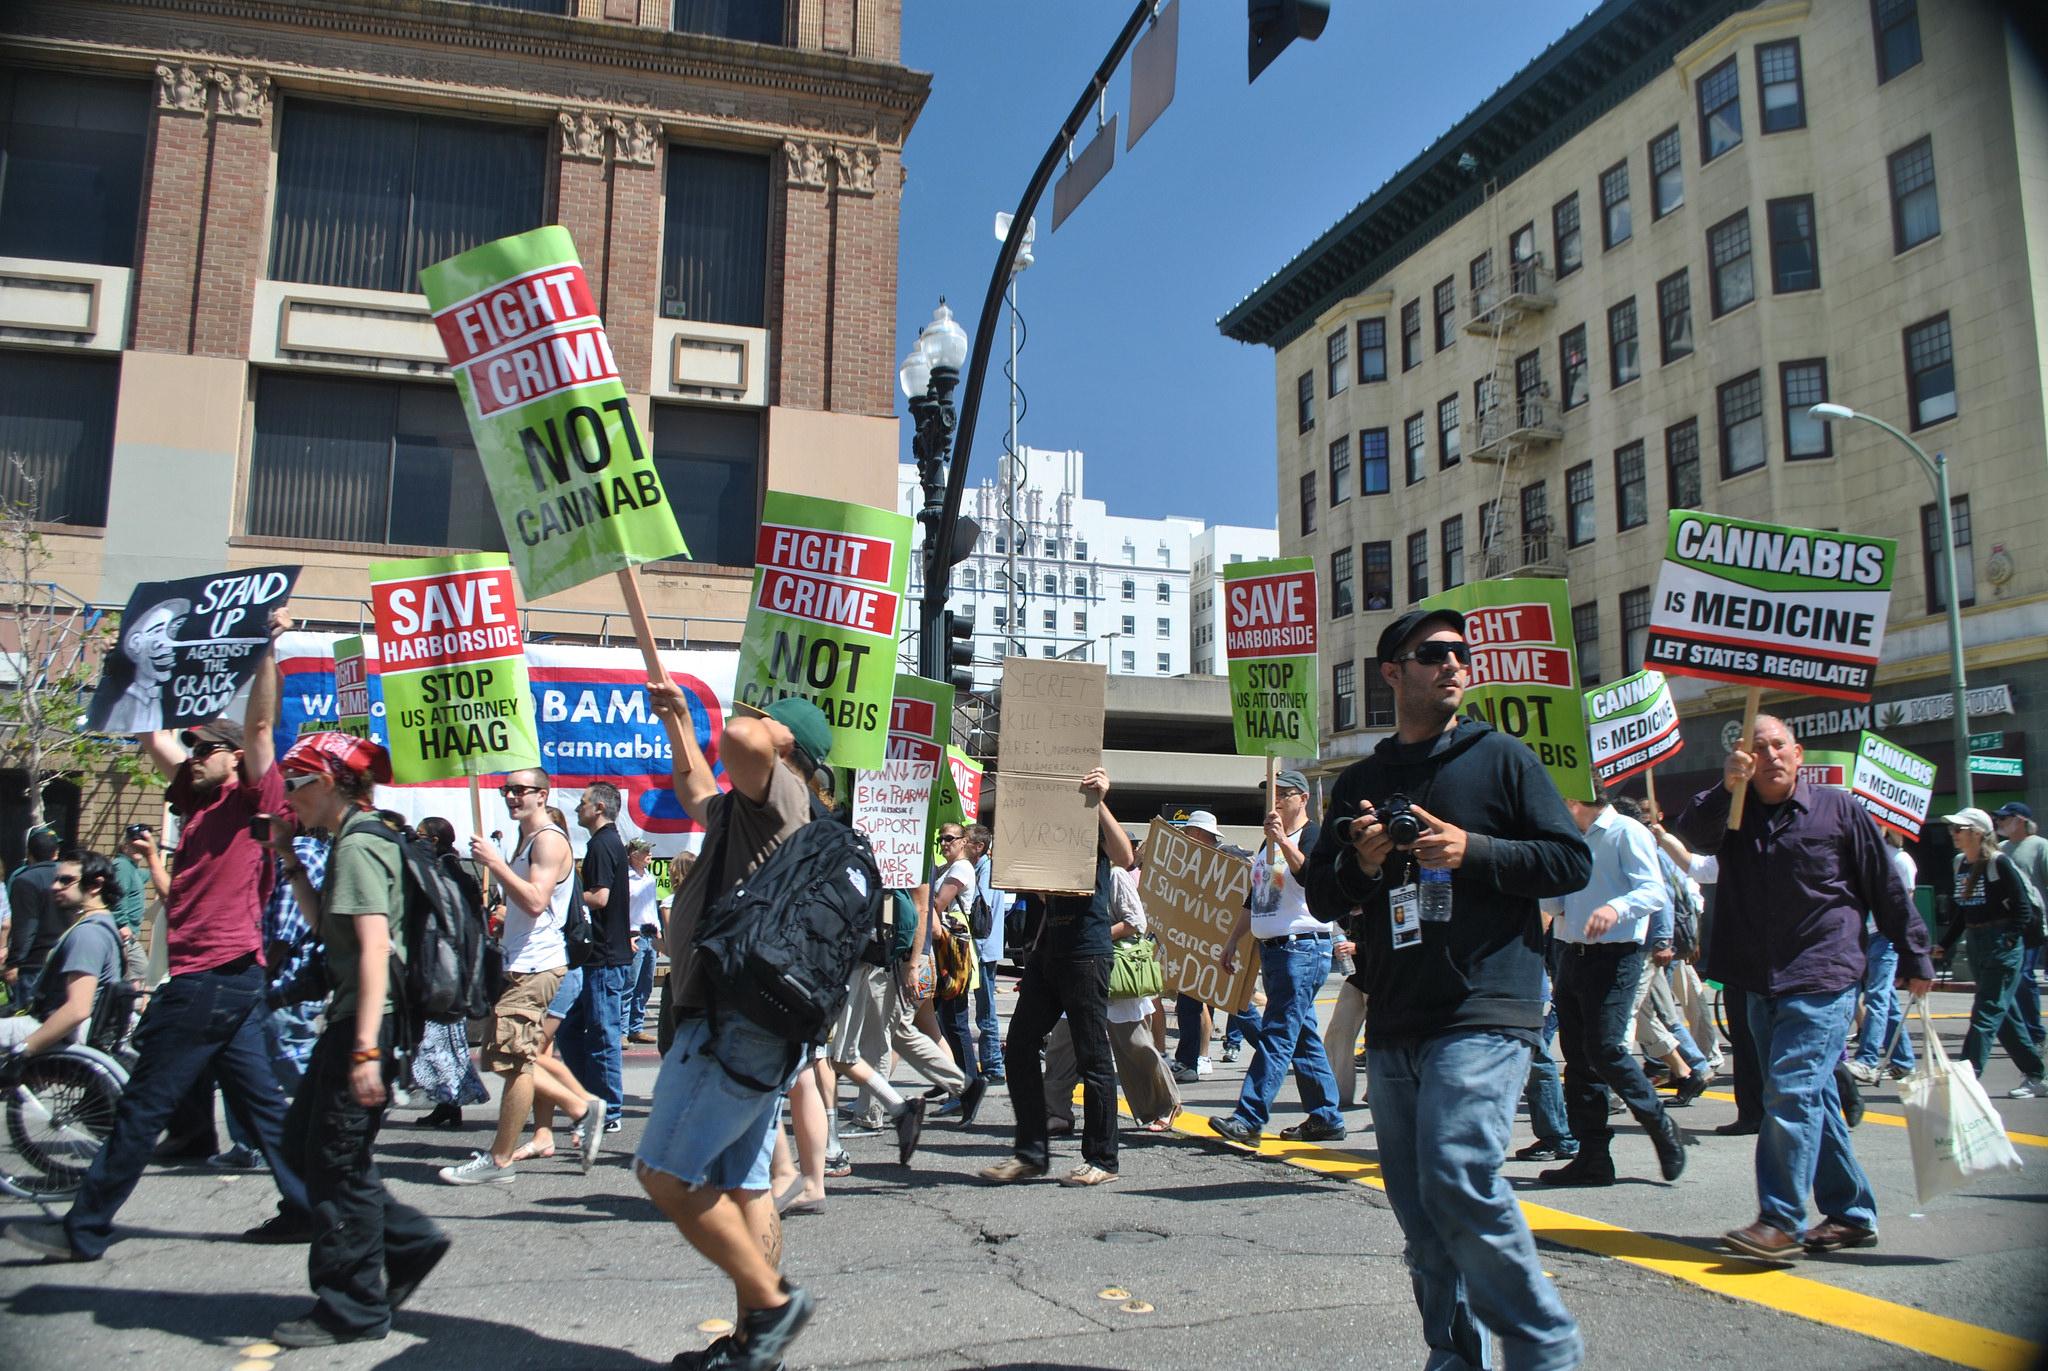 Šéfka kalifornskej kampane za legalizáciu marihuany: Ilegalita drog podporuje kriminalitu